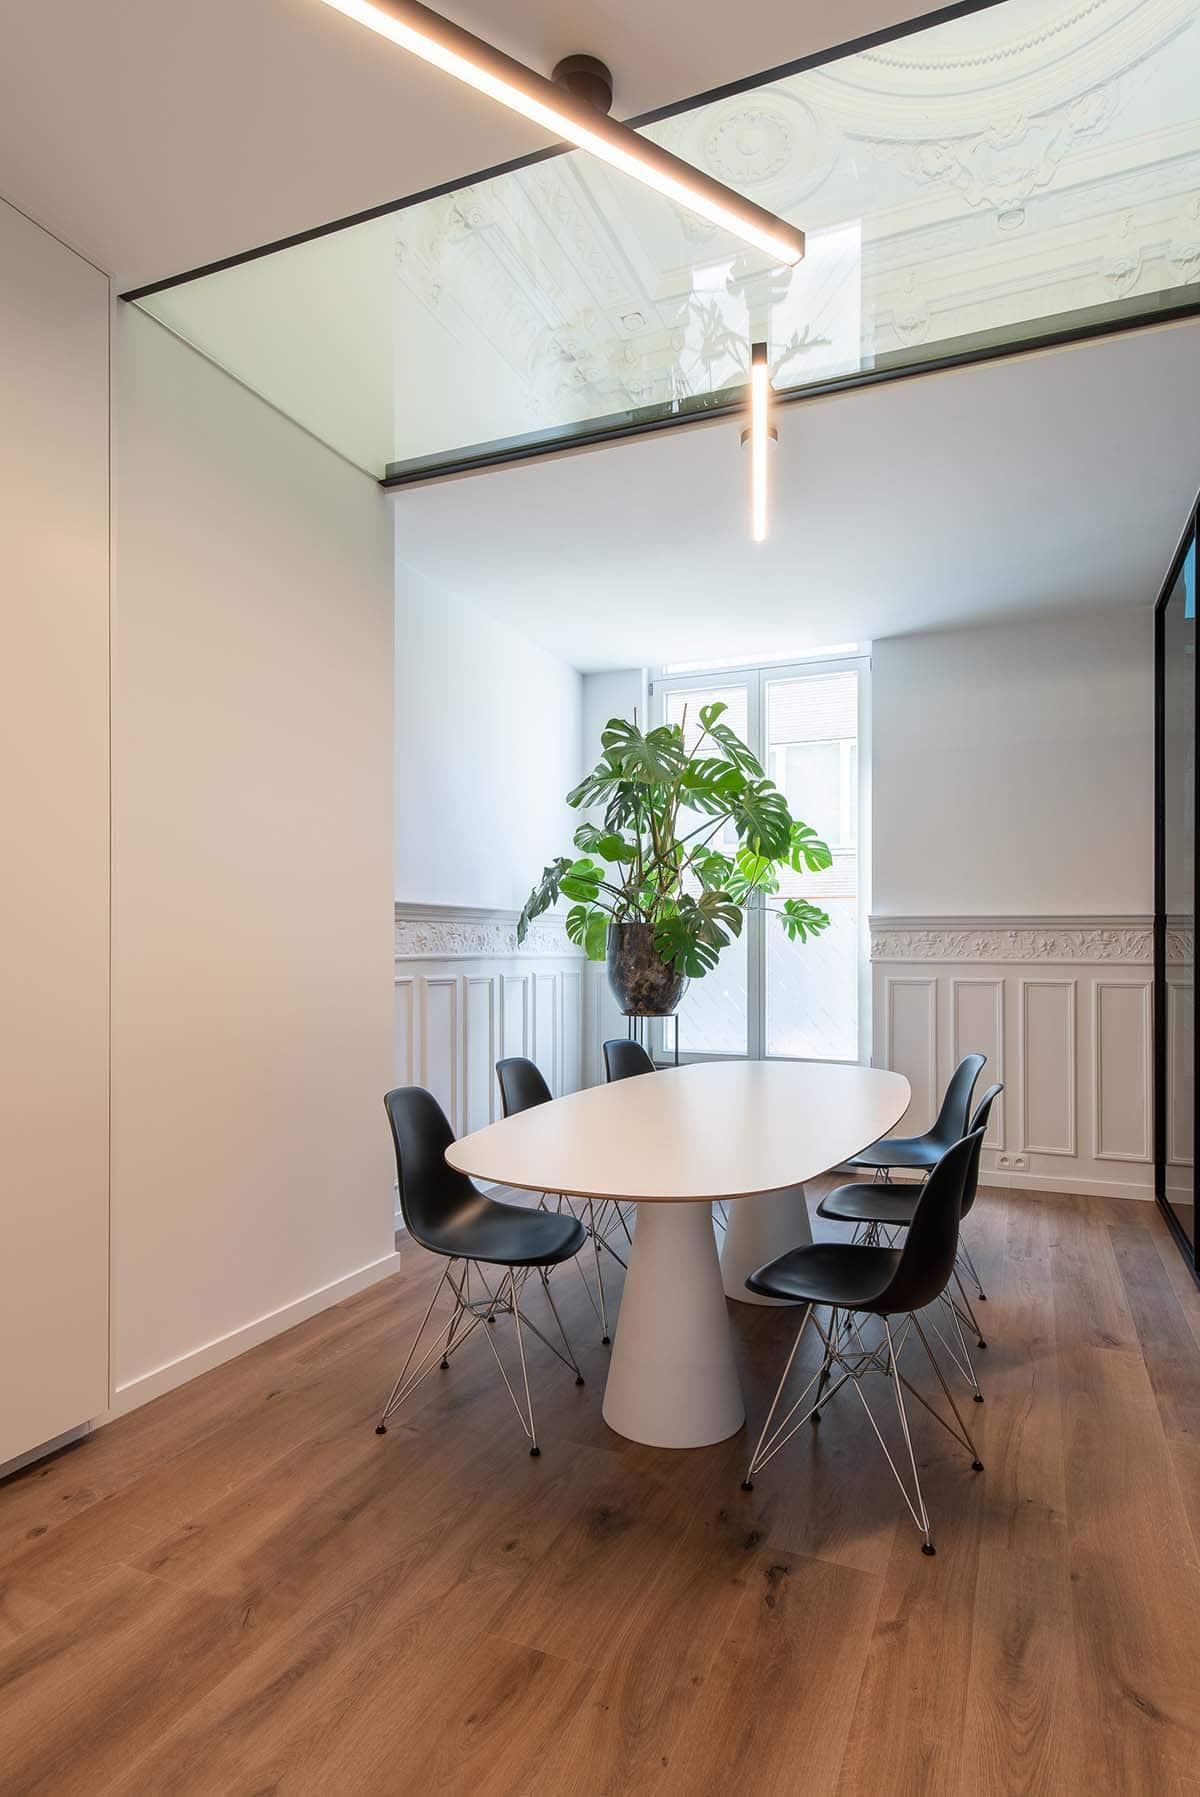 interieur ontwerp tweedraads advocaten